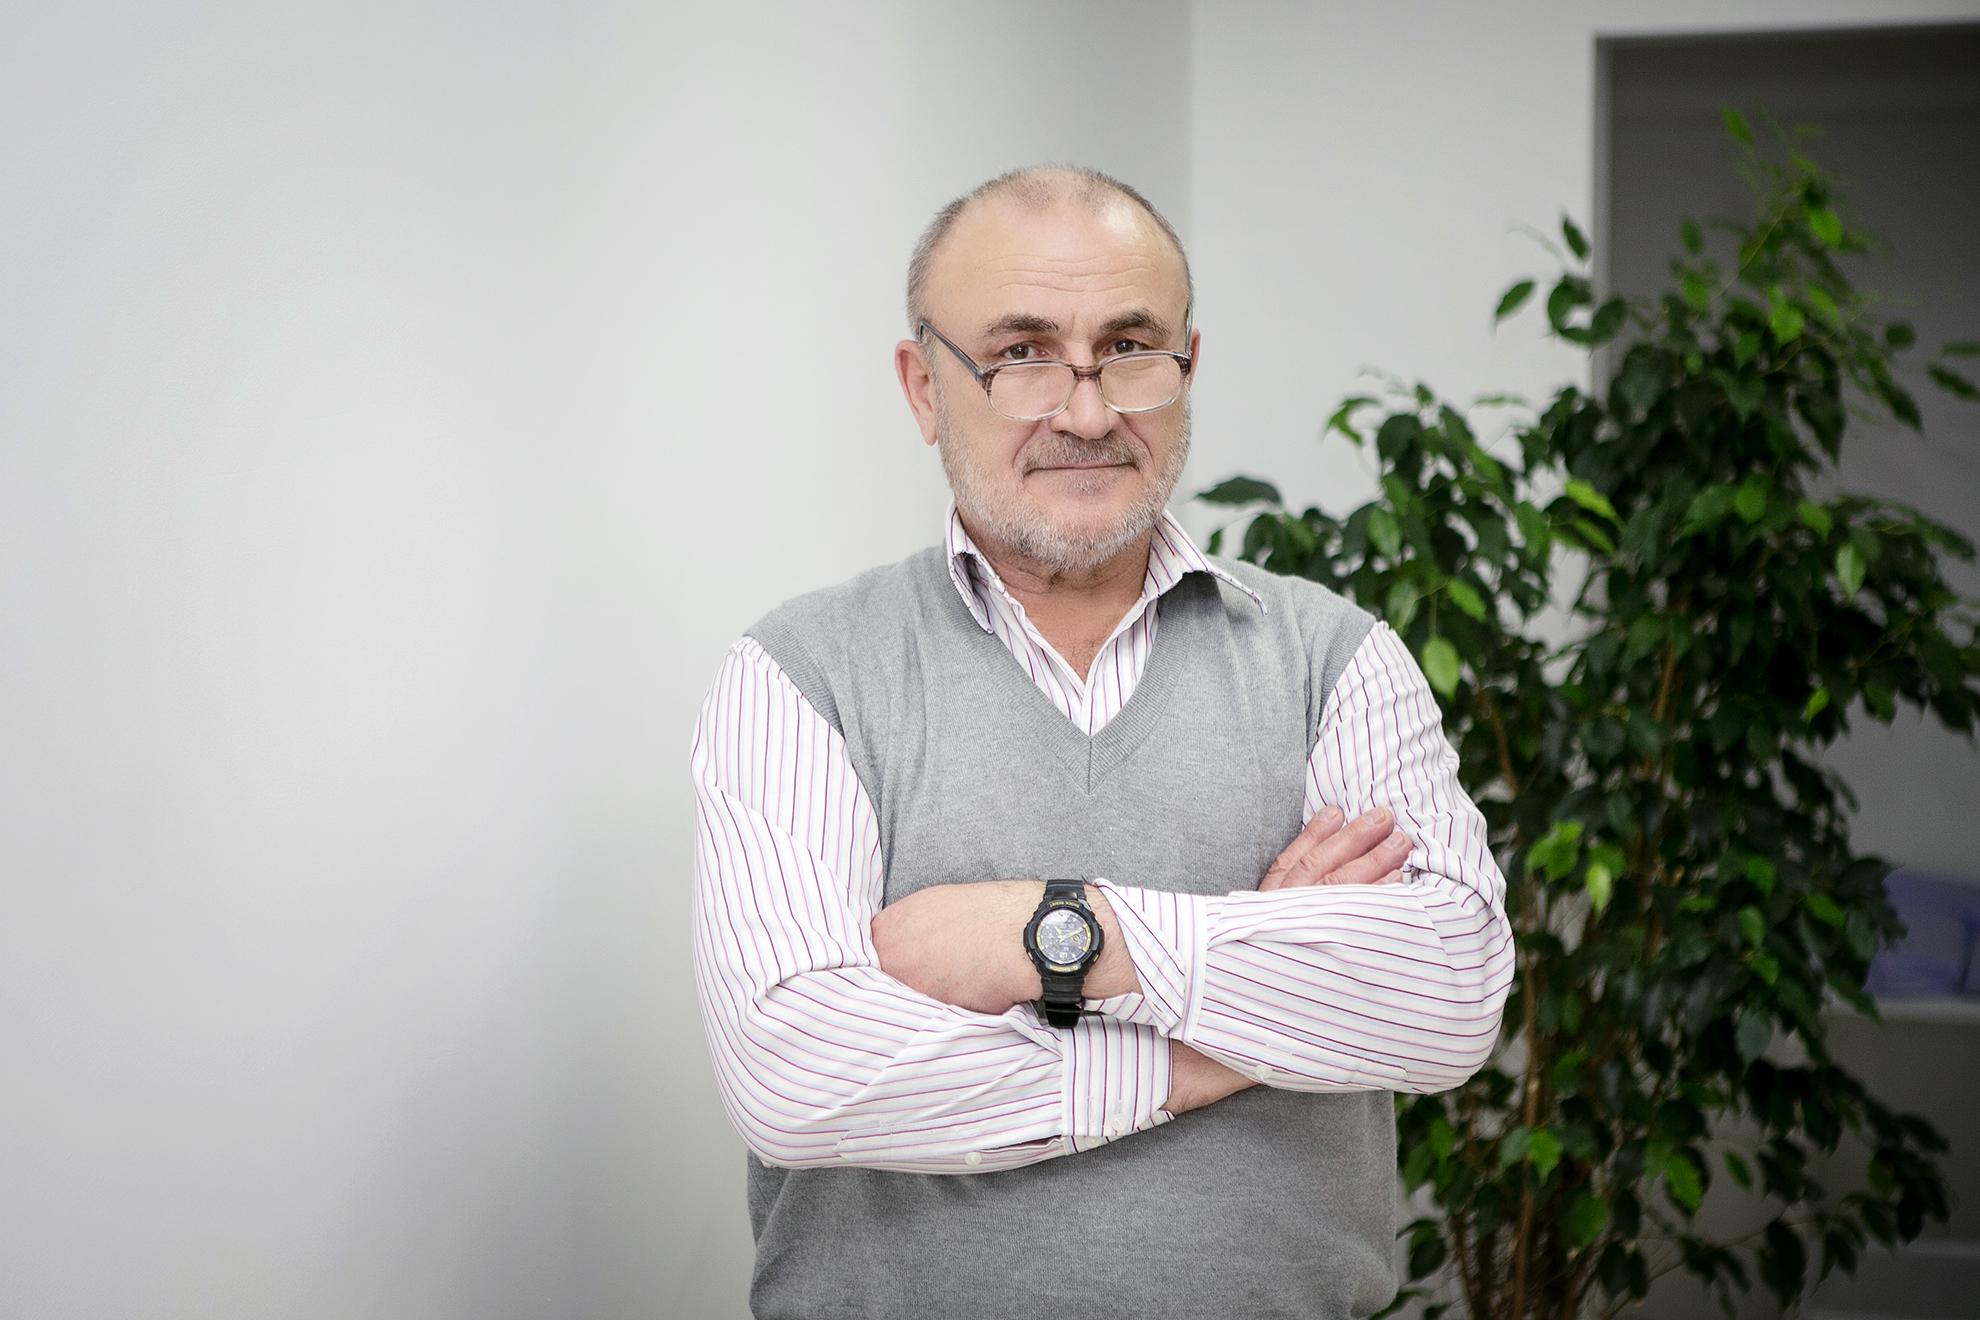 Суржа Алексей Алексеевич